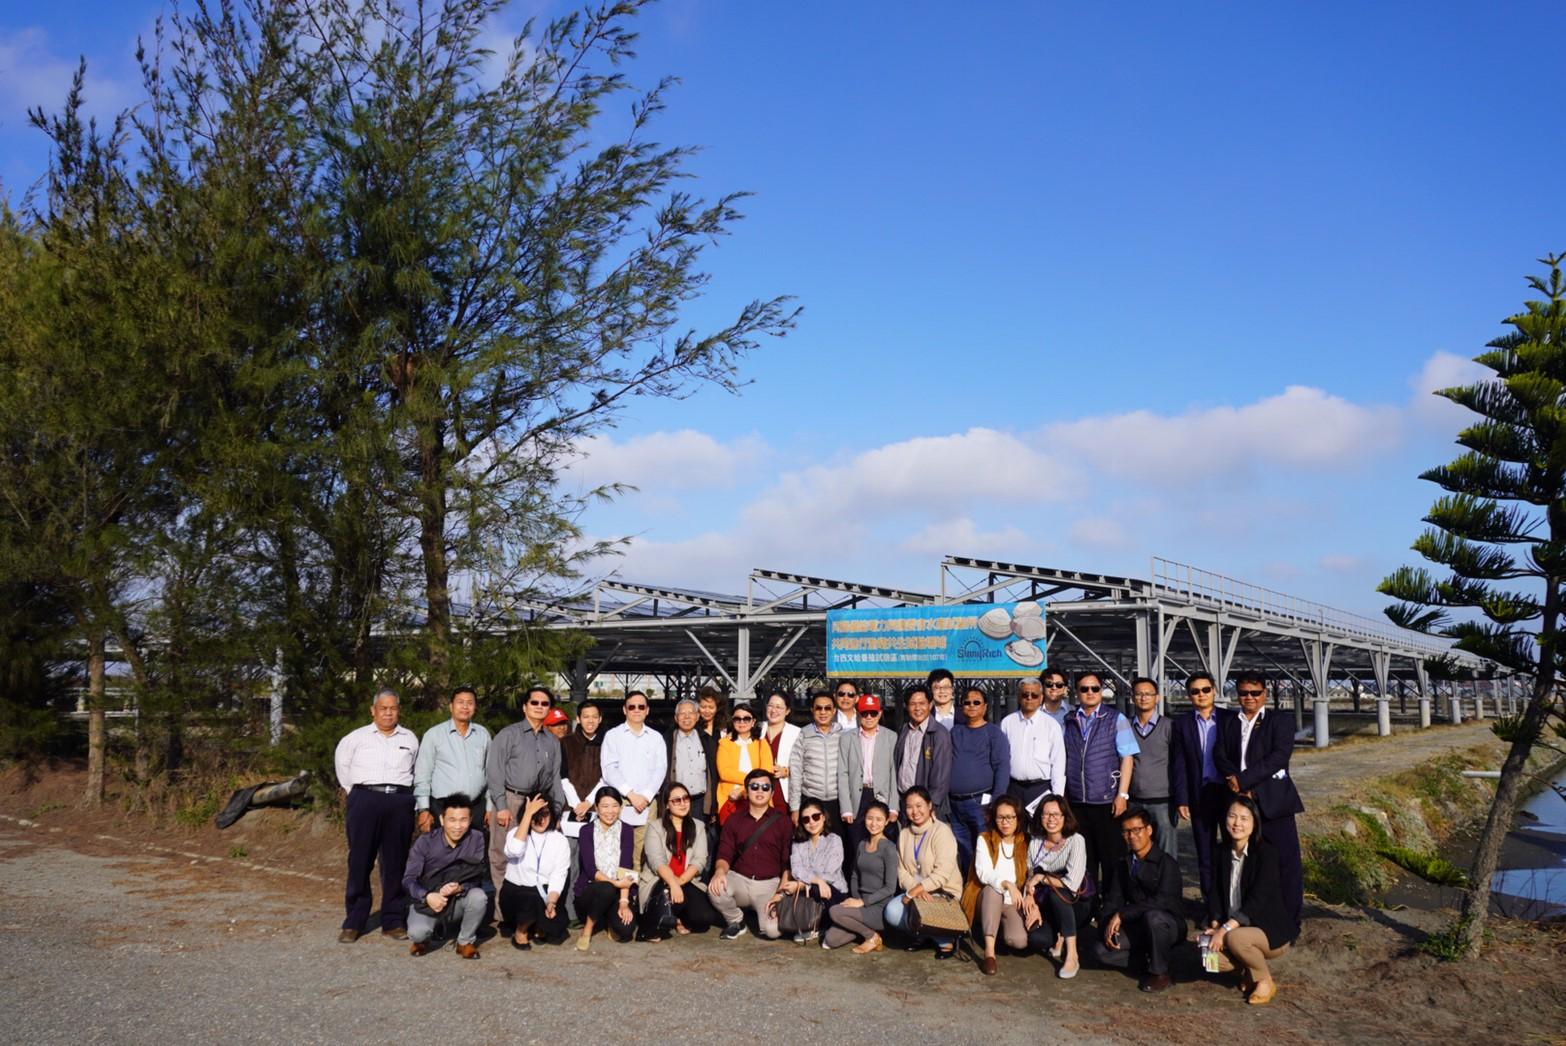 2019.12.23 參訪向陽優能電力太陽能公司